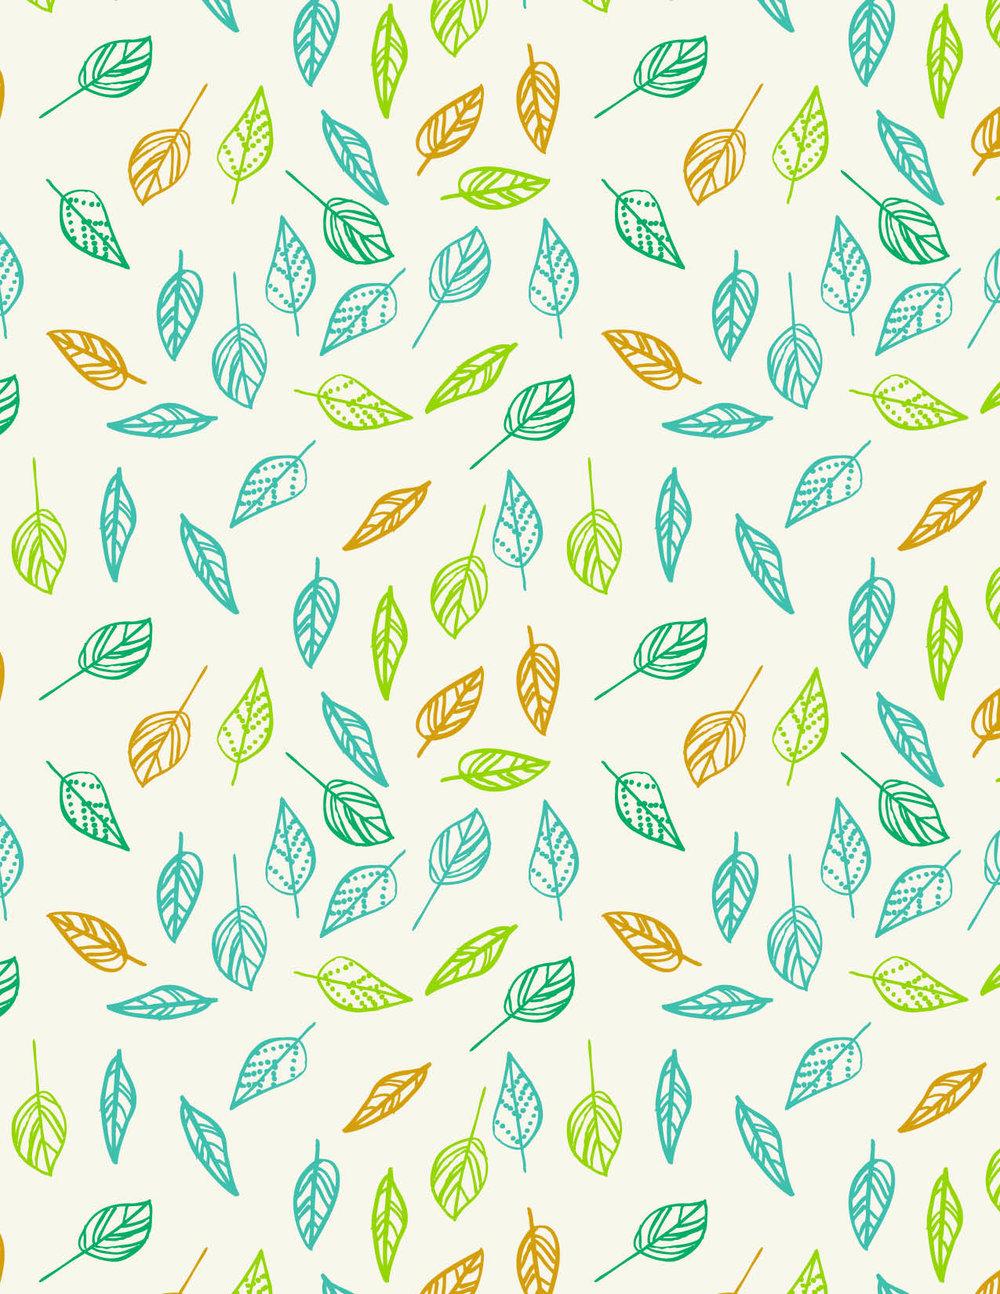 jessbruggink_pattern29.jpg